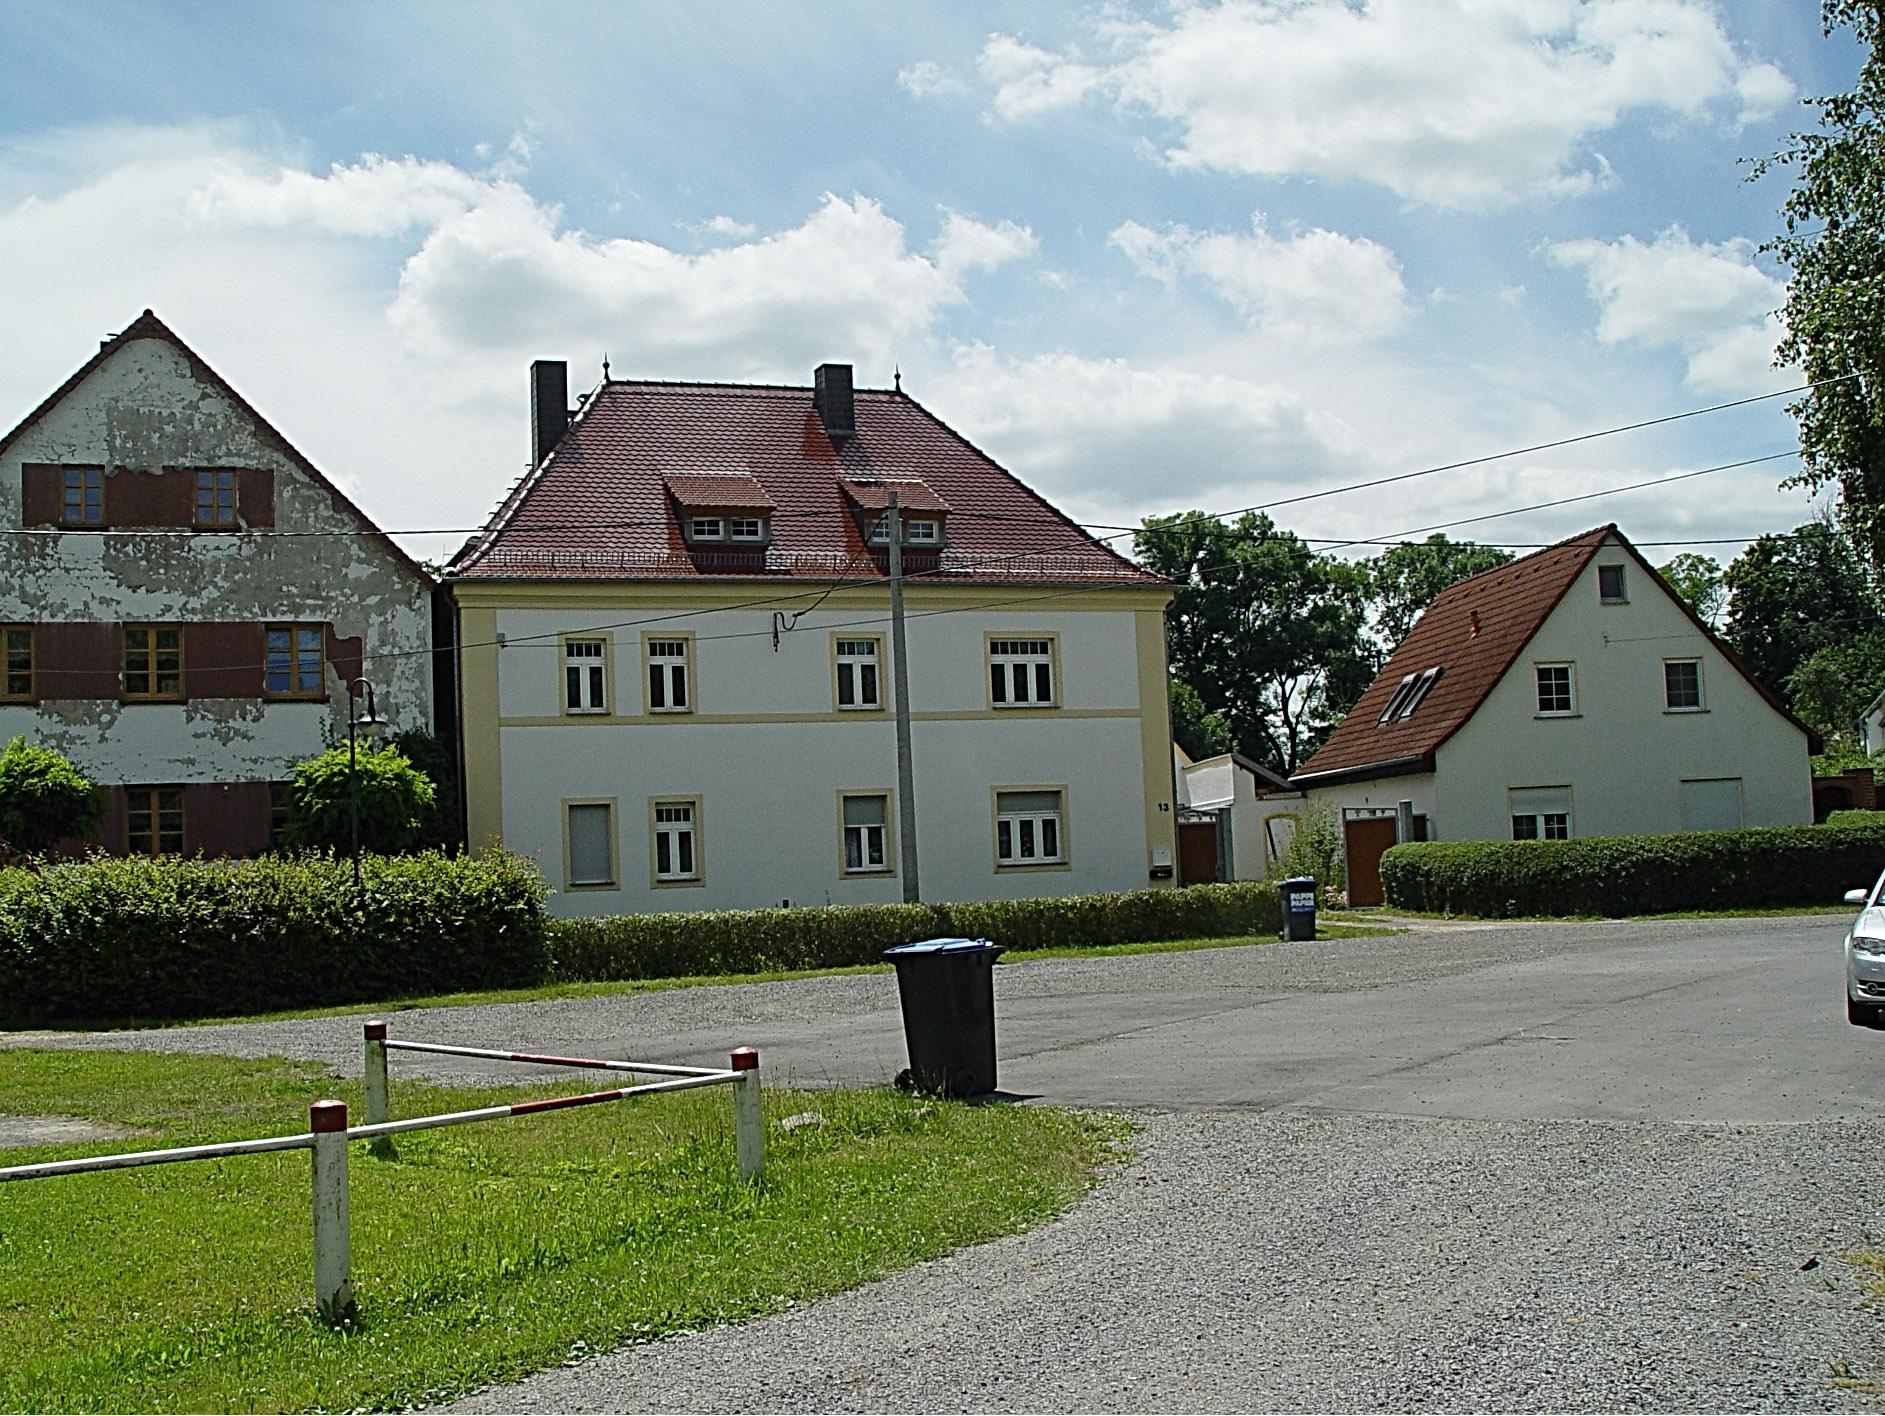 Gottscheina_02